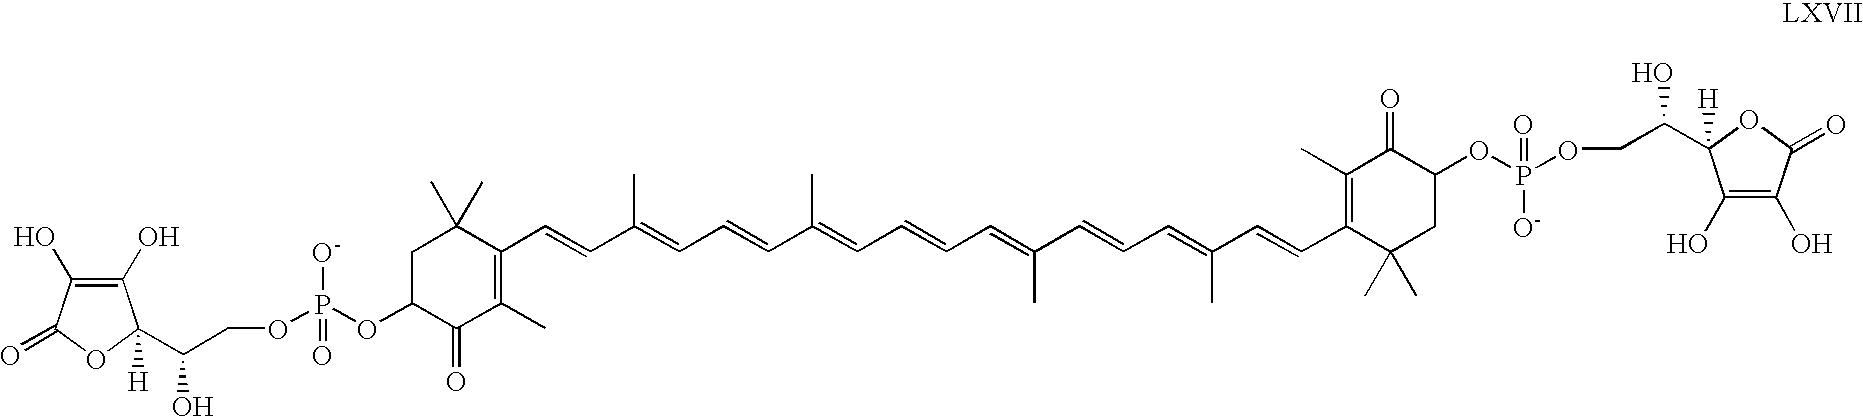 Figure US20050075337A1-20050407-C00044